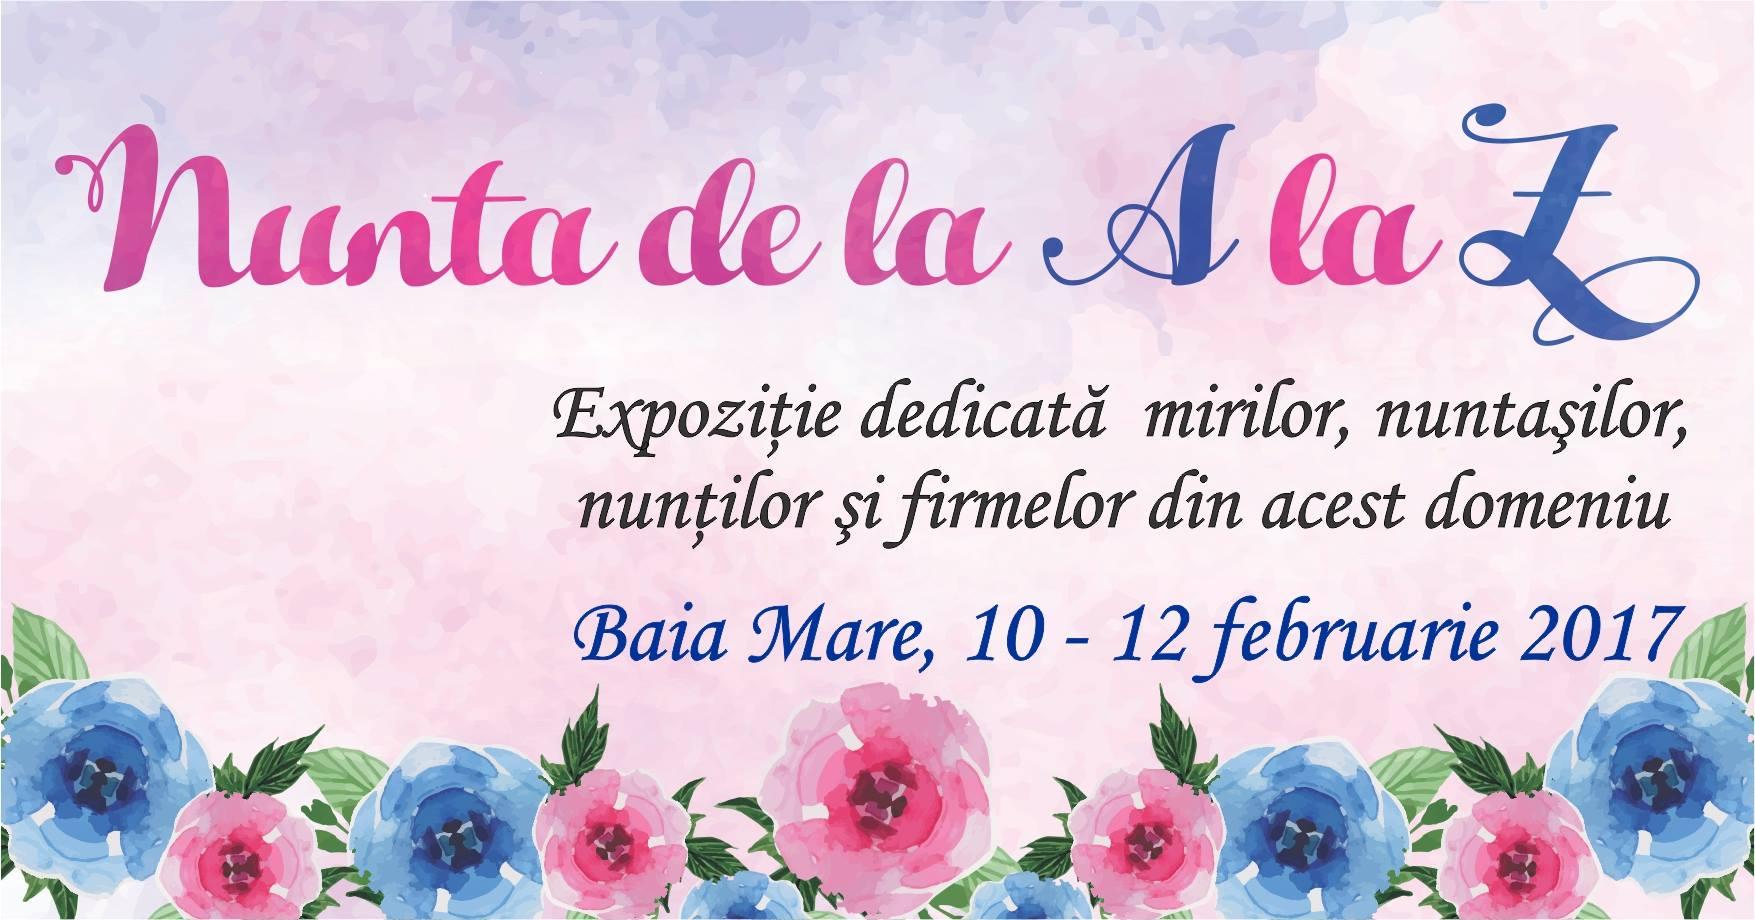 Program artistic - Nunta de la A la Z ed. a XI-a